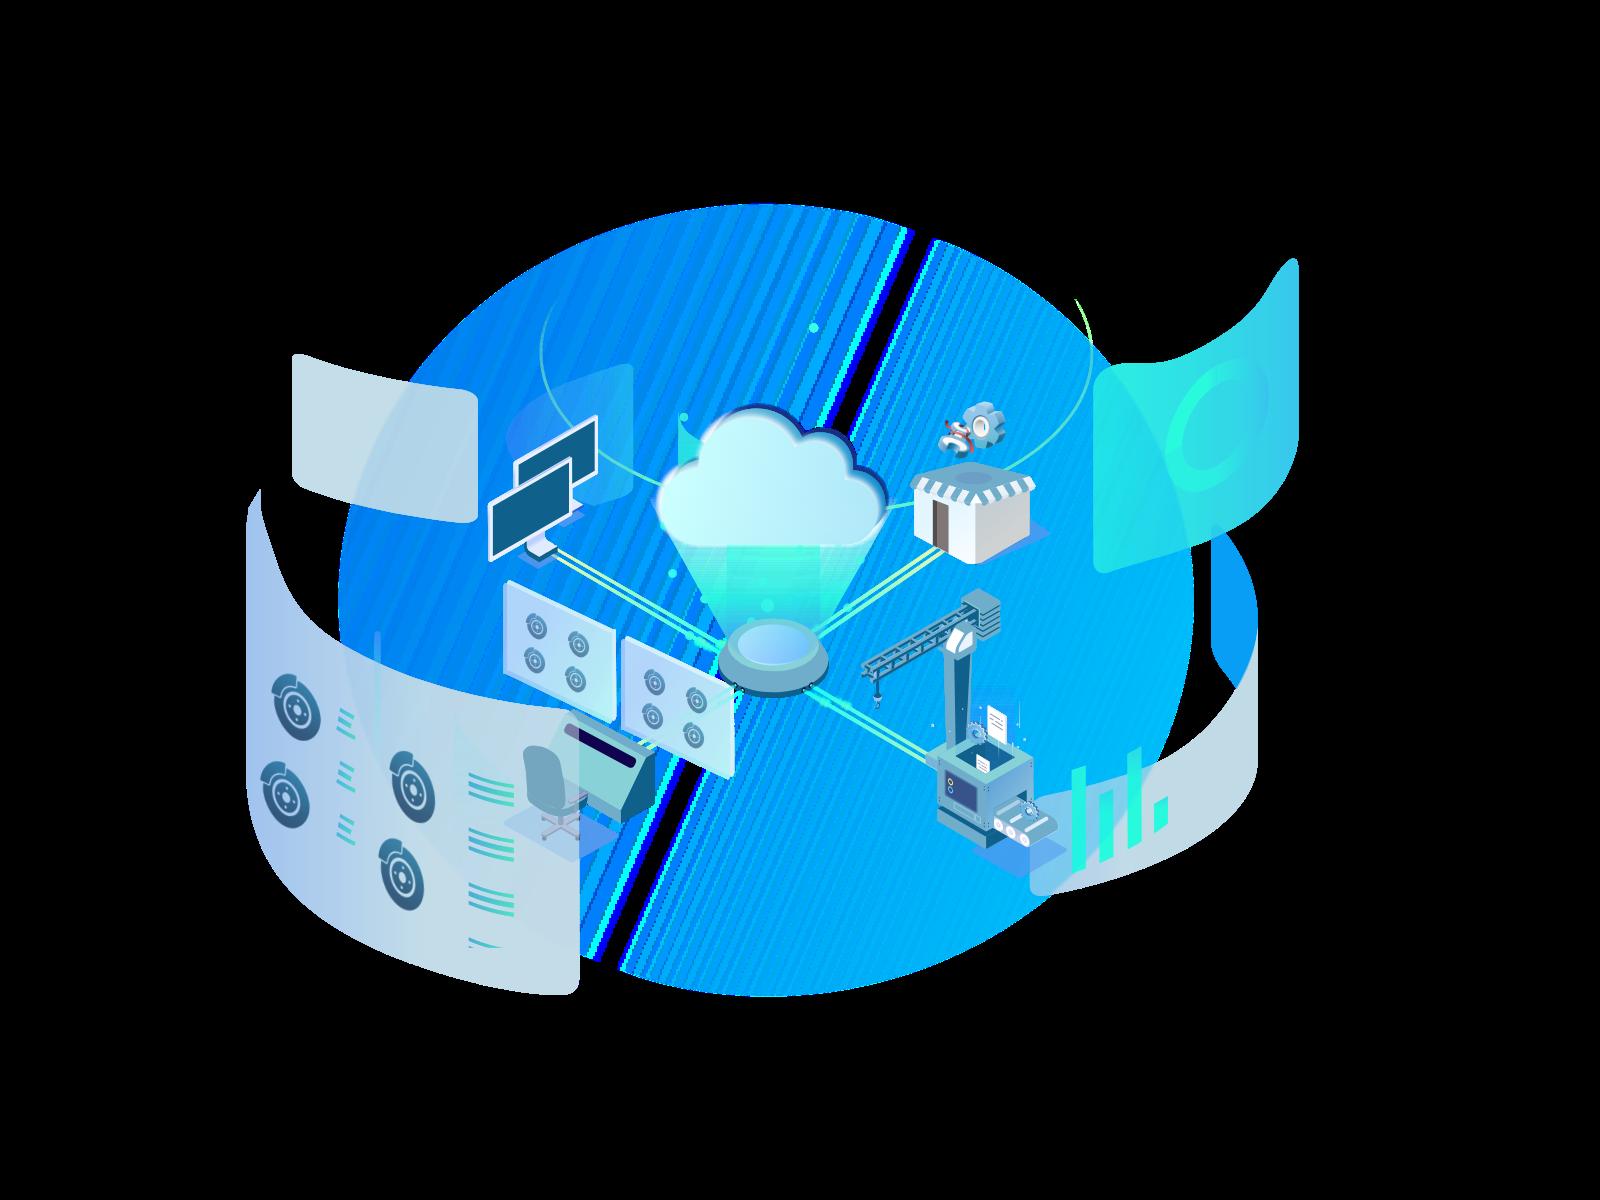 Fitment Data API illustration showing database